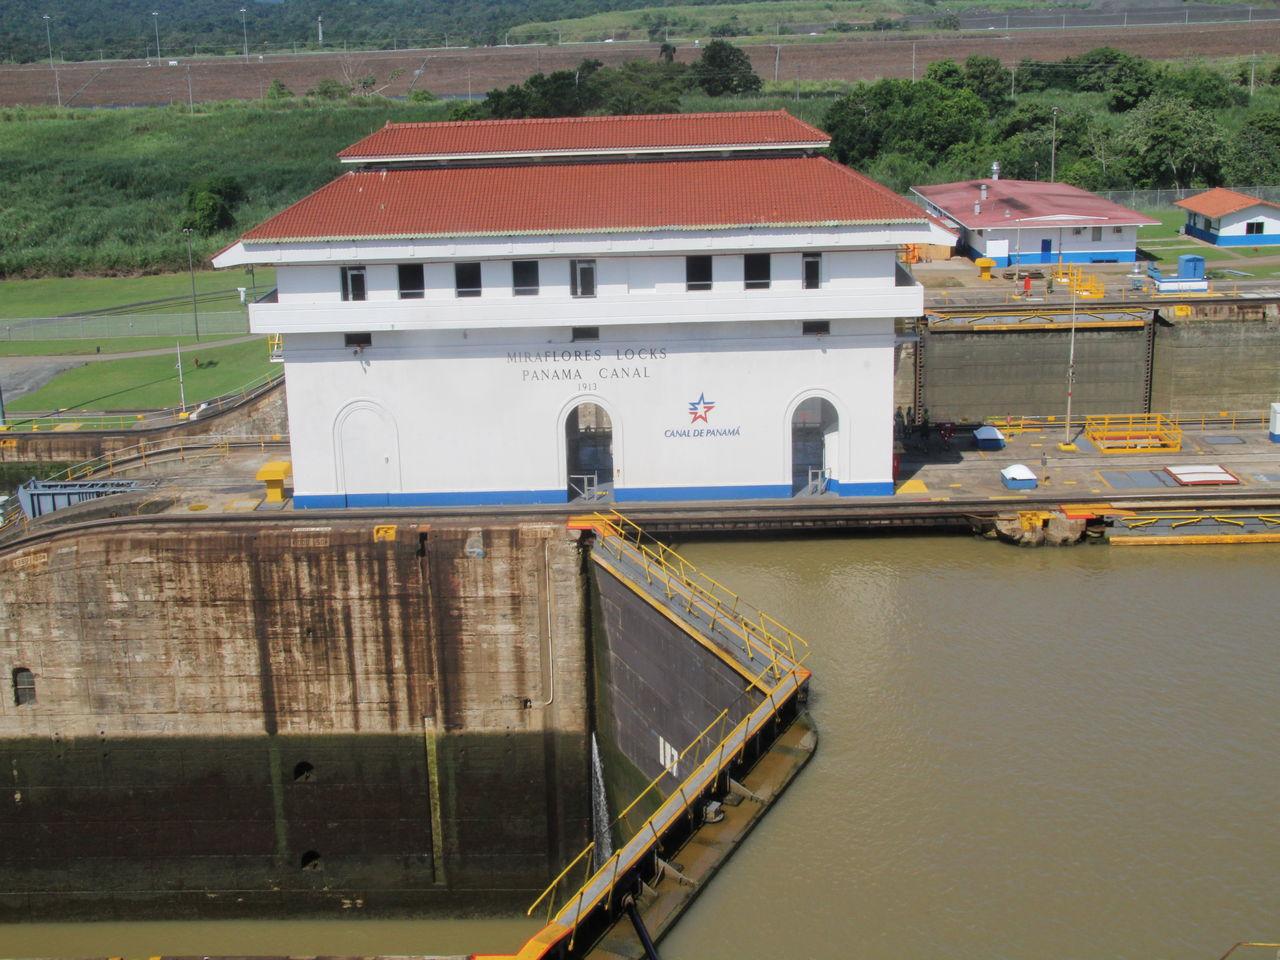 Cómo funciona el Canal de Panamá: paso 1 con las esclusas cerradas.